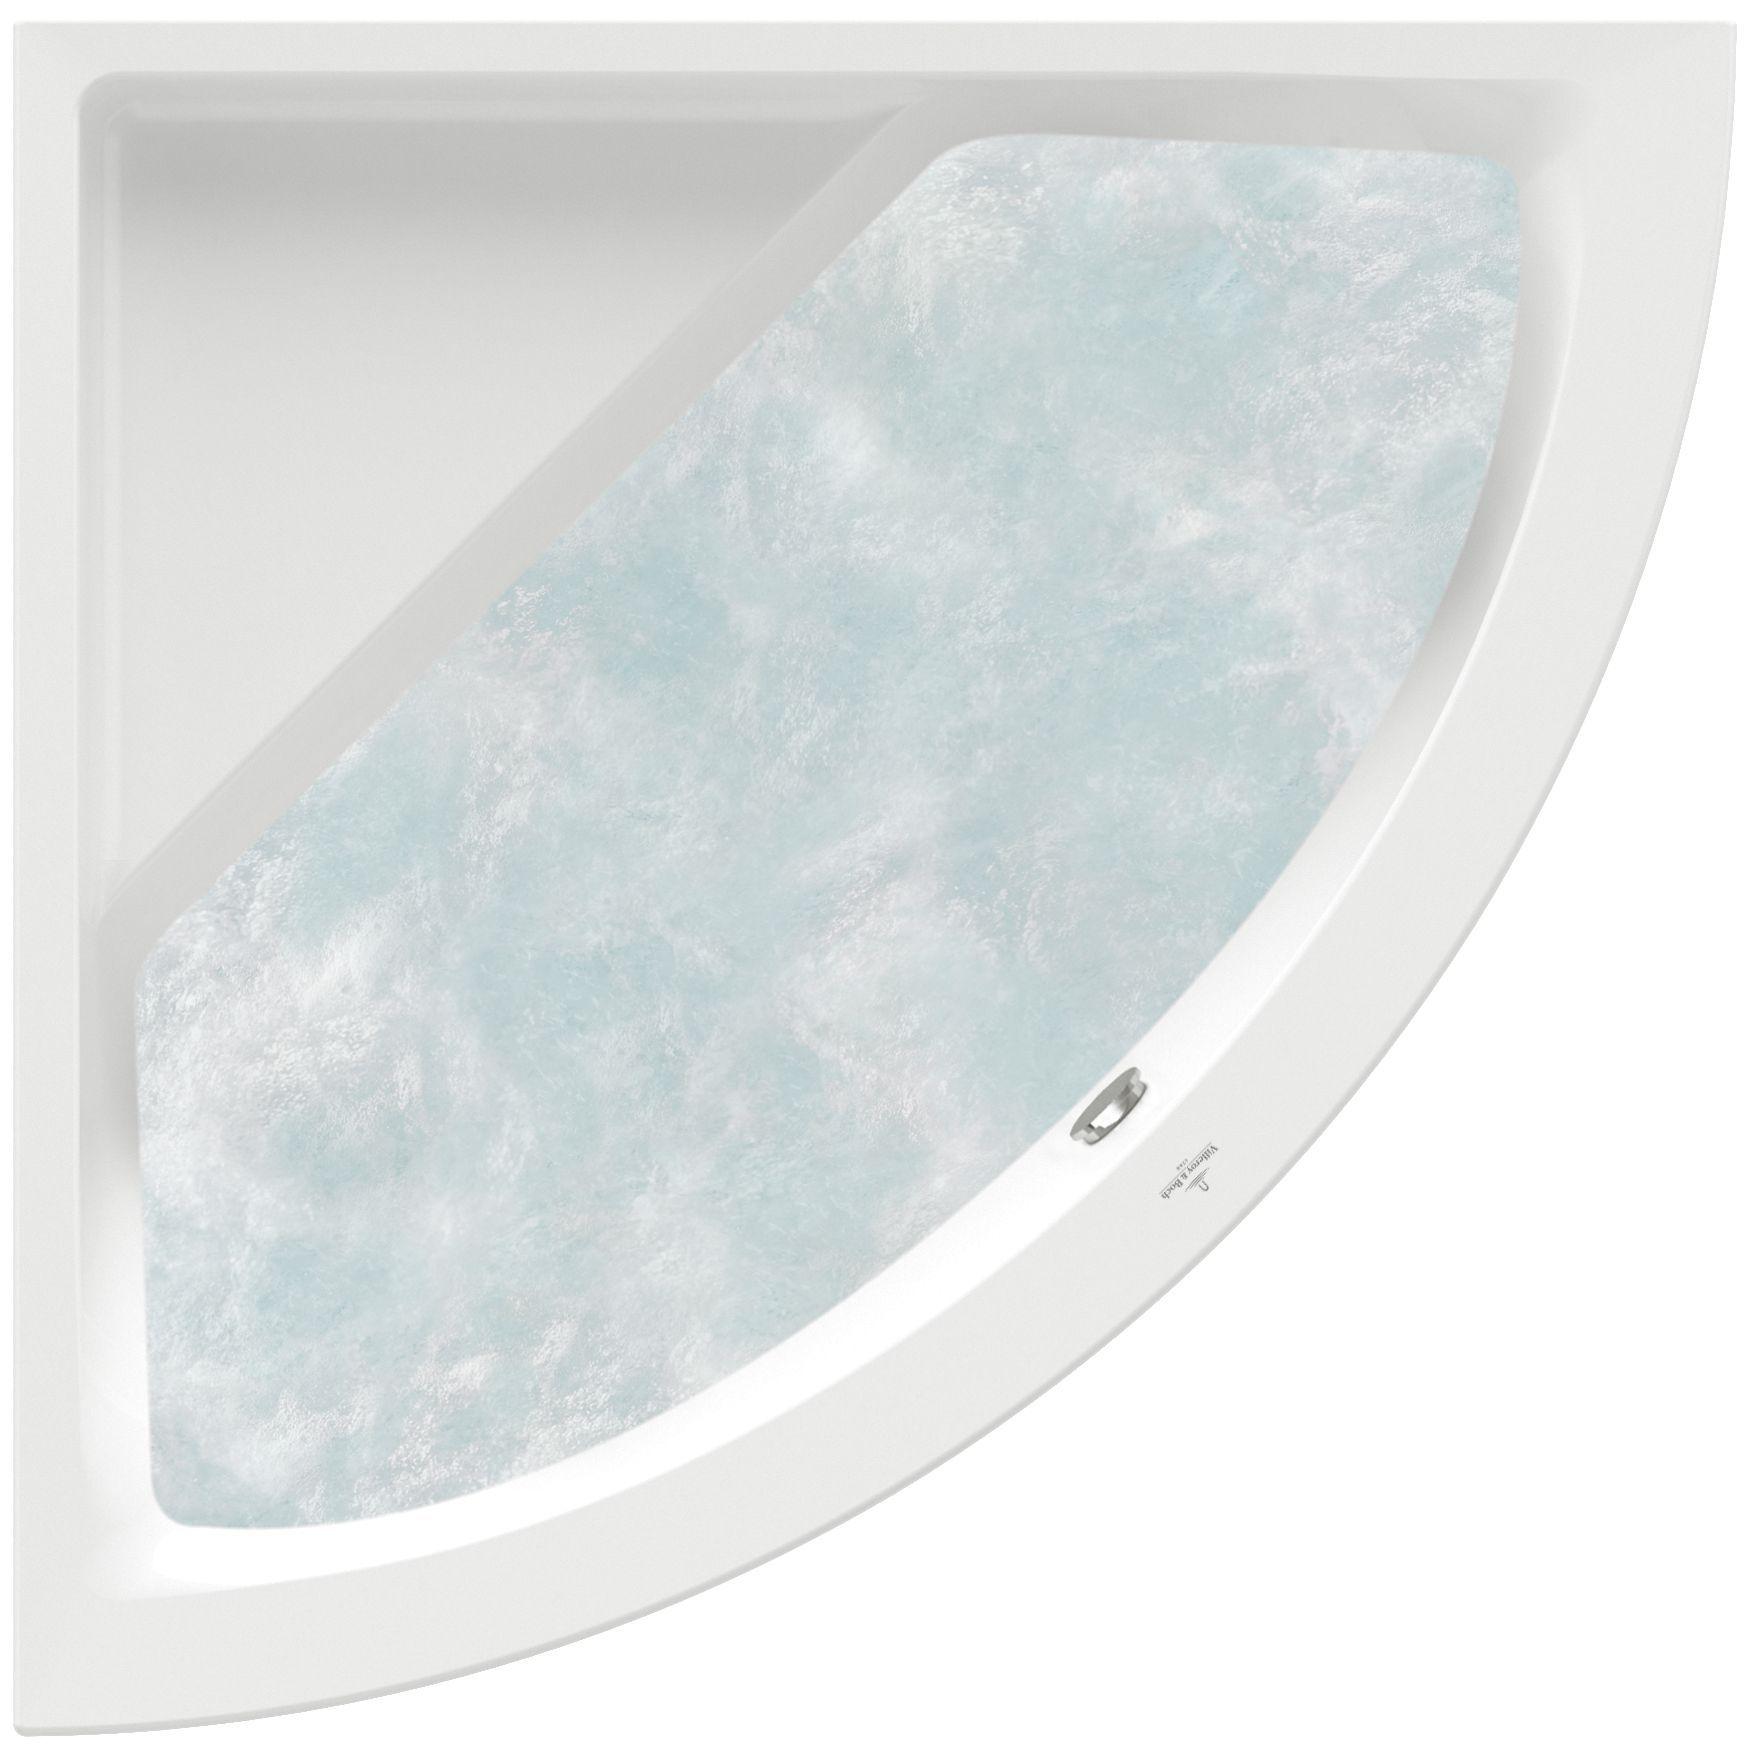 Villeroy & Boch Subway Eck-Badewanne Technik Position 2 L:130xB:130xcm weiß UCE130SUB3A2V01